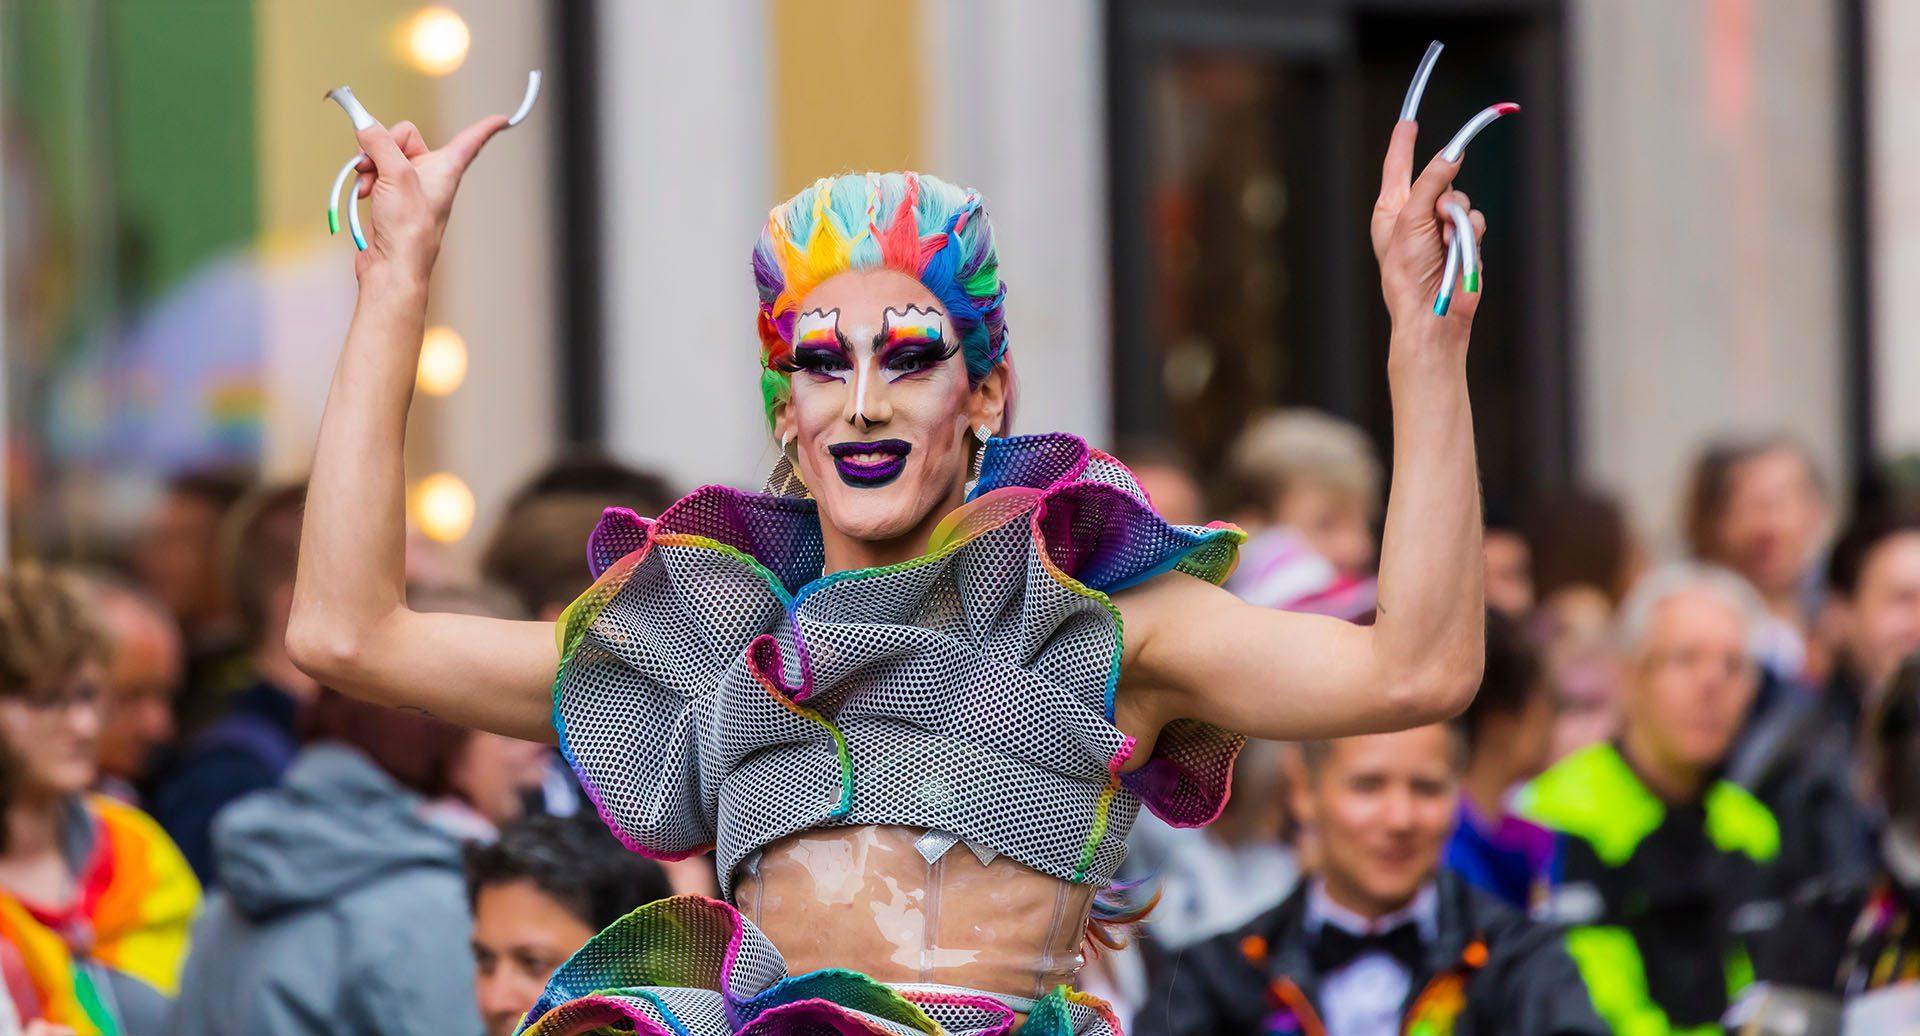 Marche de la fierté gay de Munich